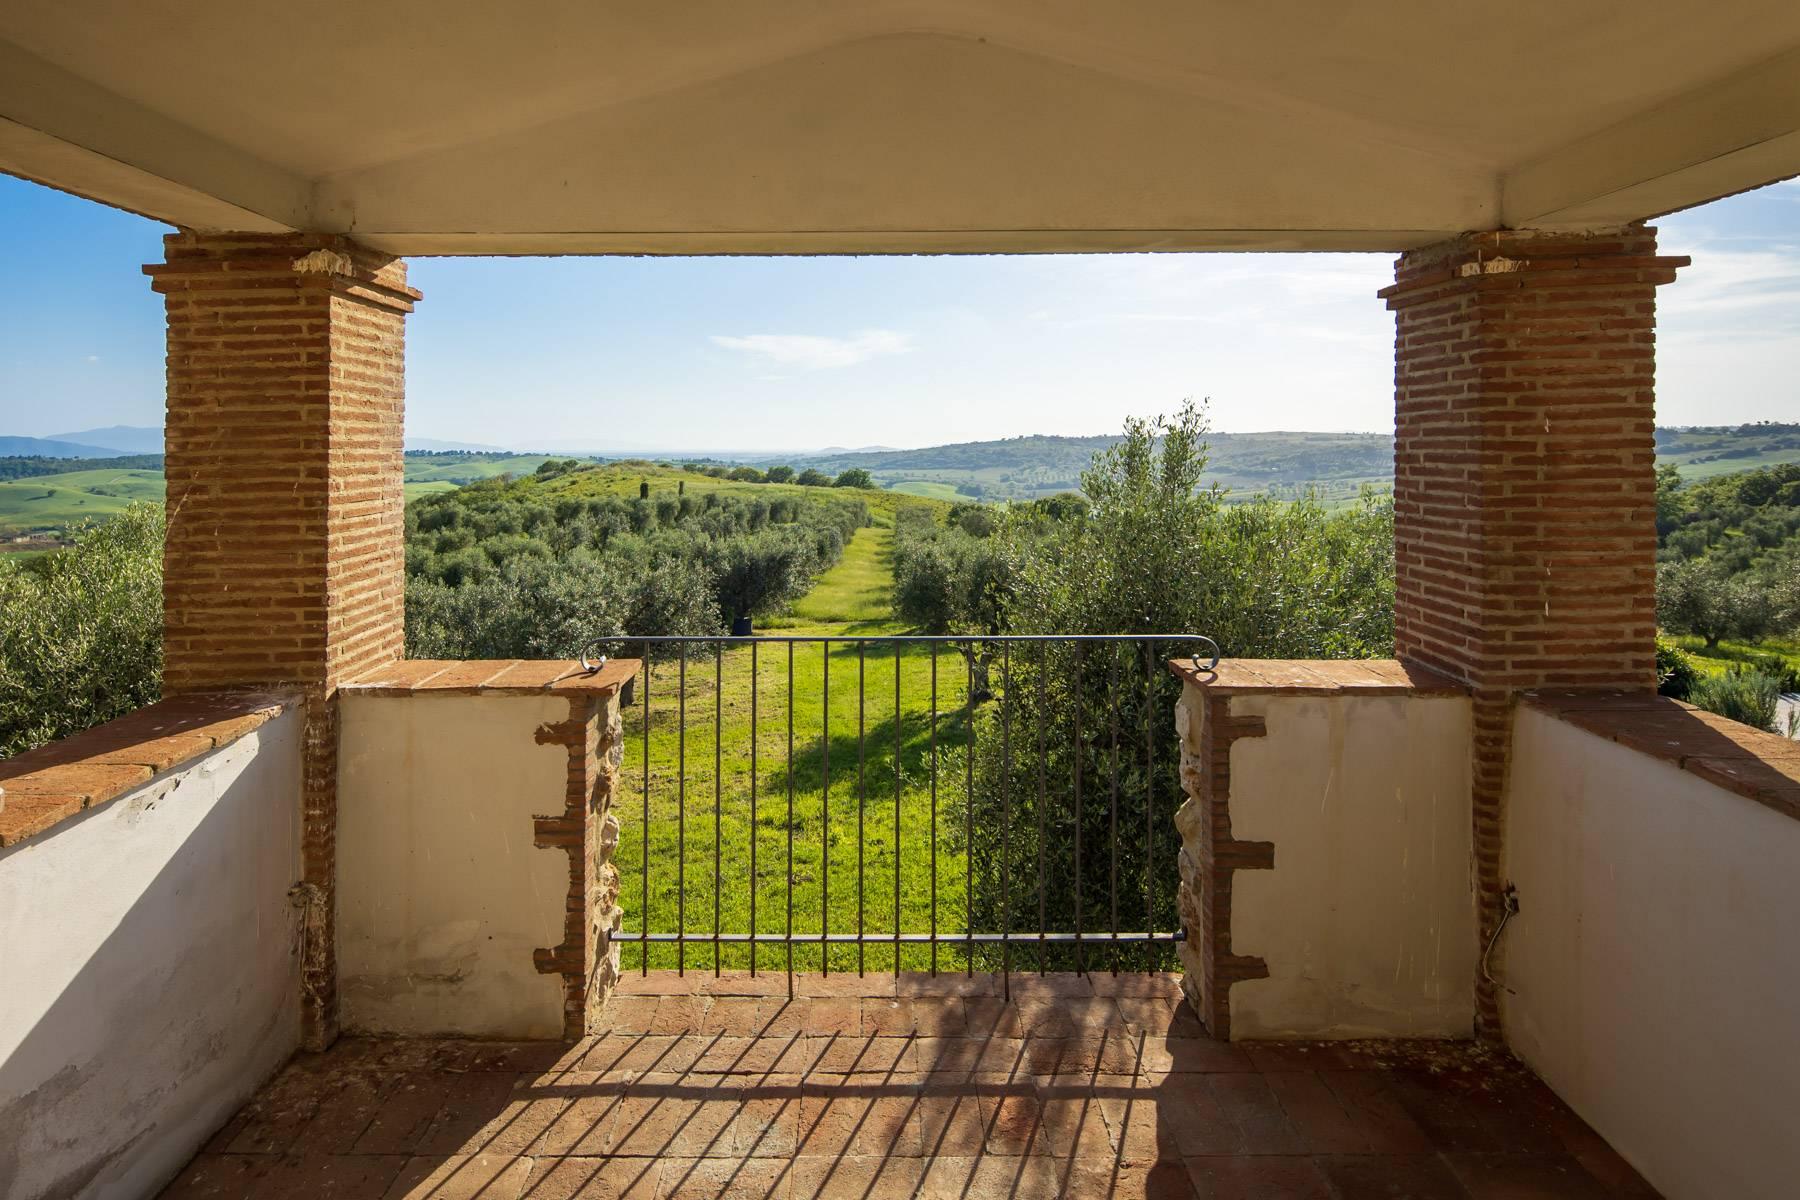 Rustico in Vendita a Magliano In Toscana: 5 locali, 1044 mq - Foto 25